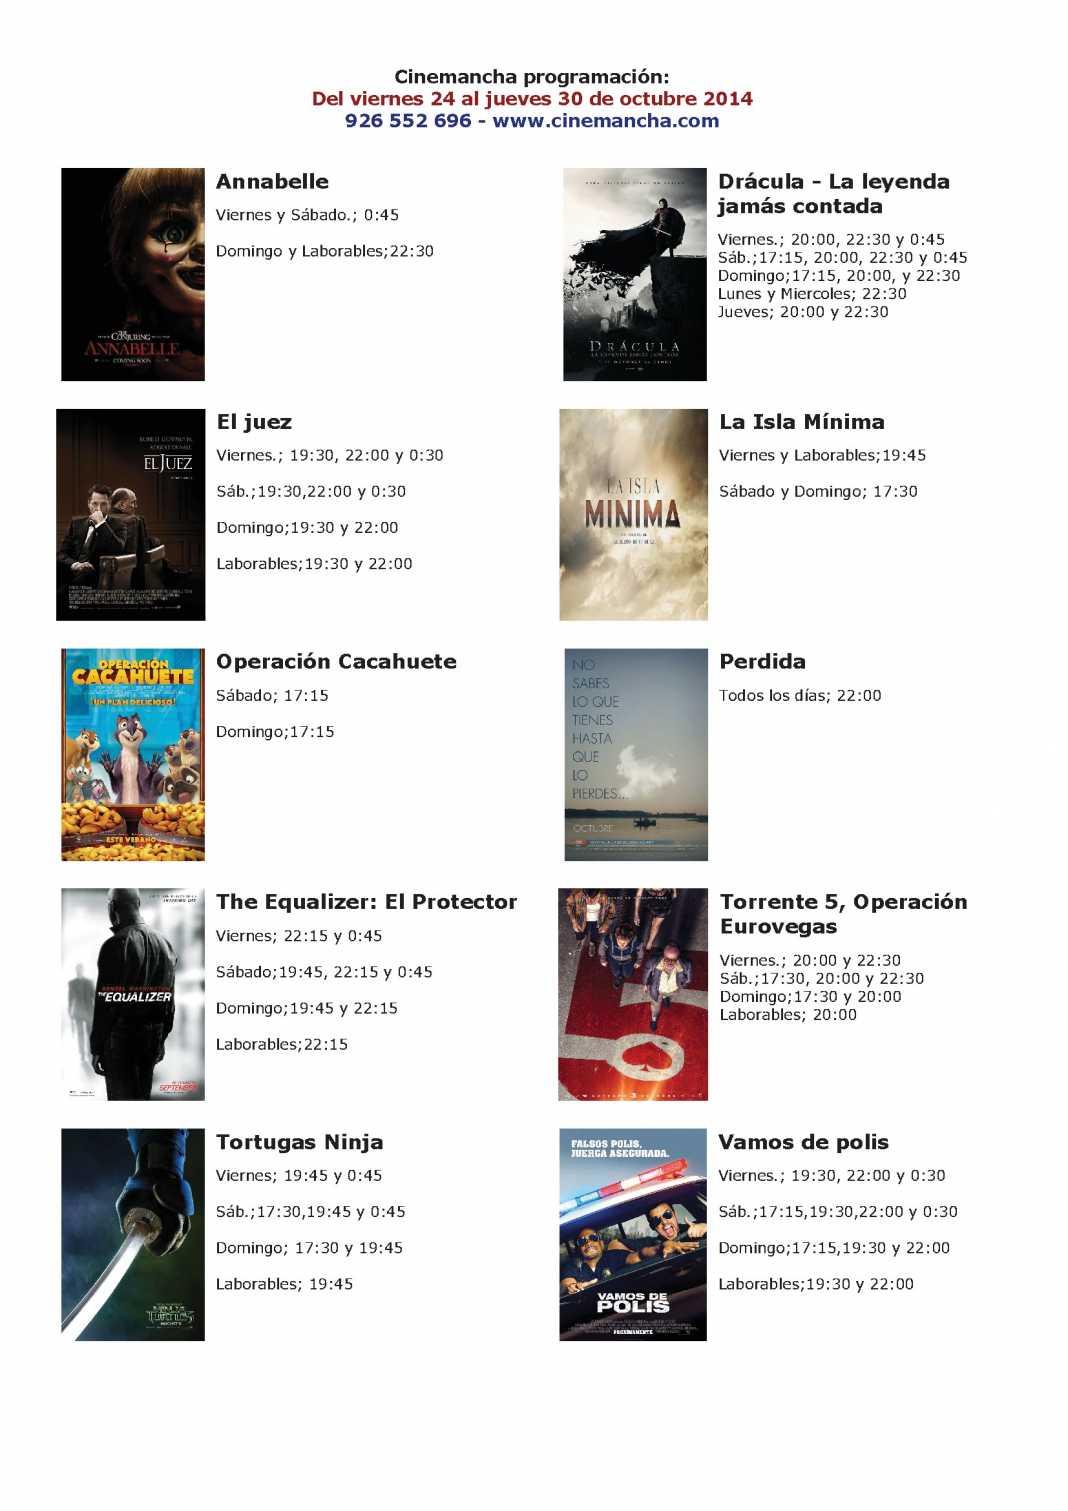 Programación Cinemancha cartelera del 24 al 30 de octubre 1